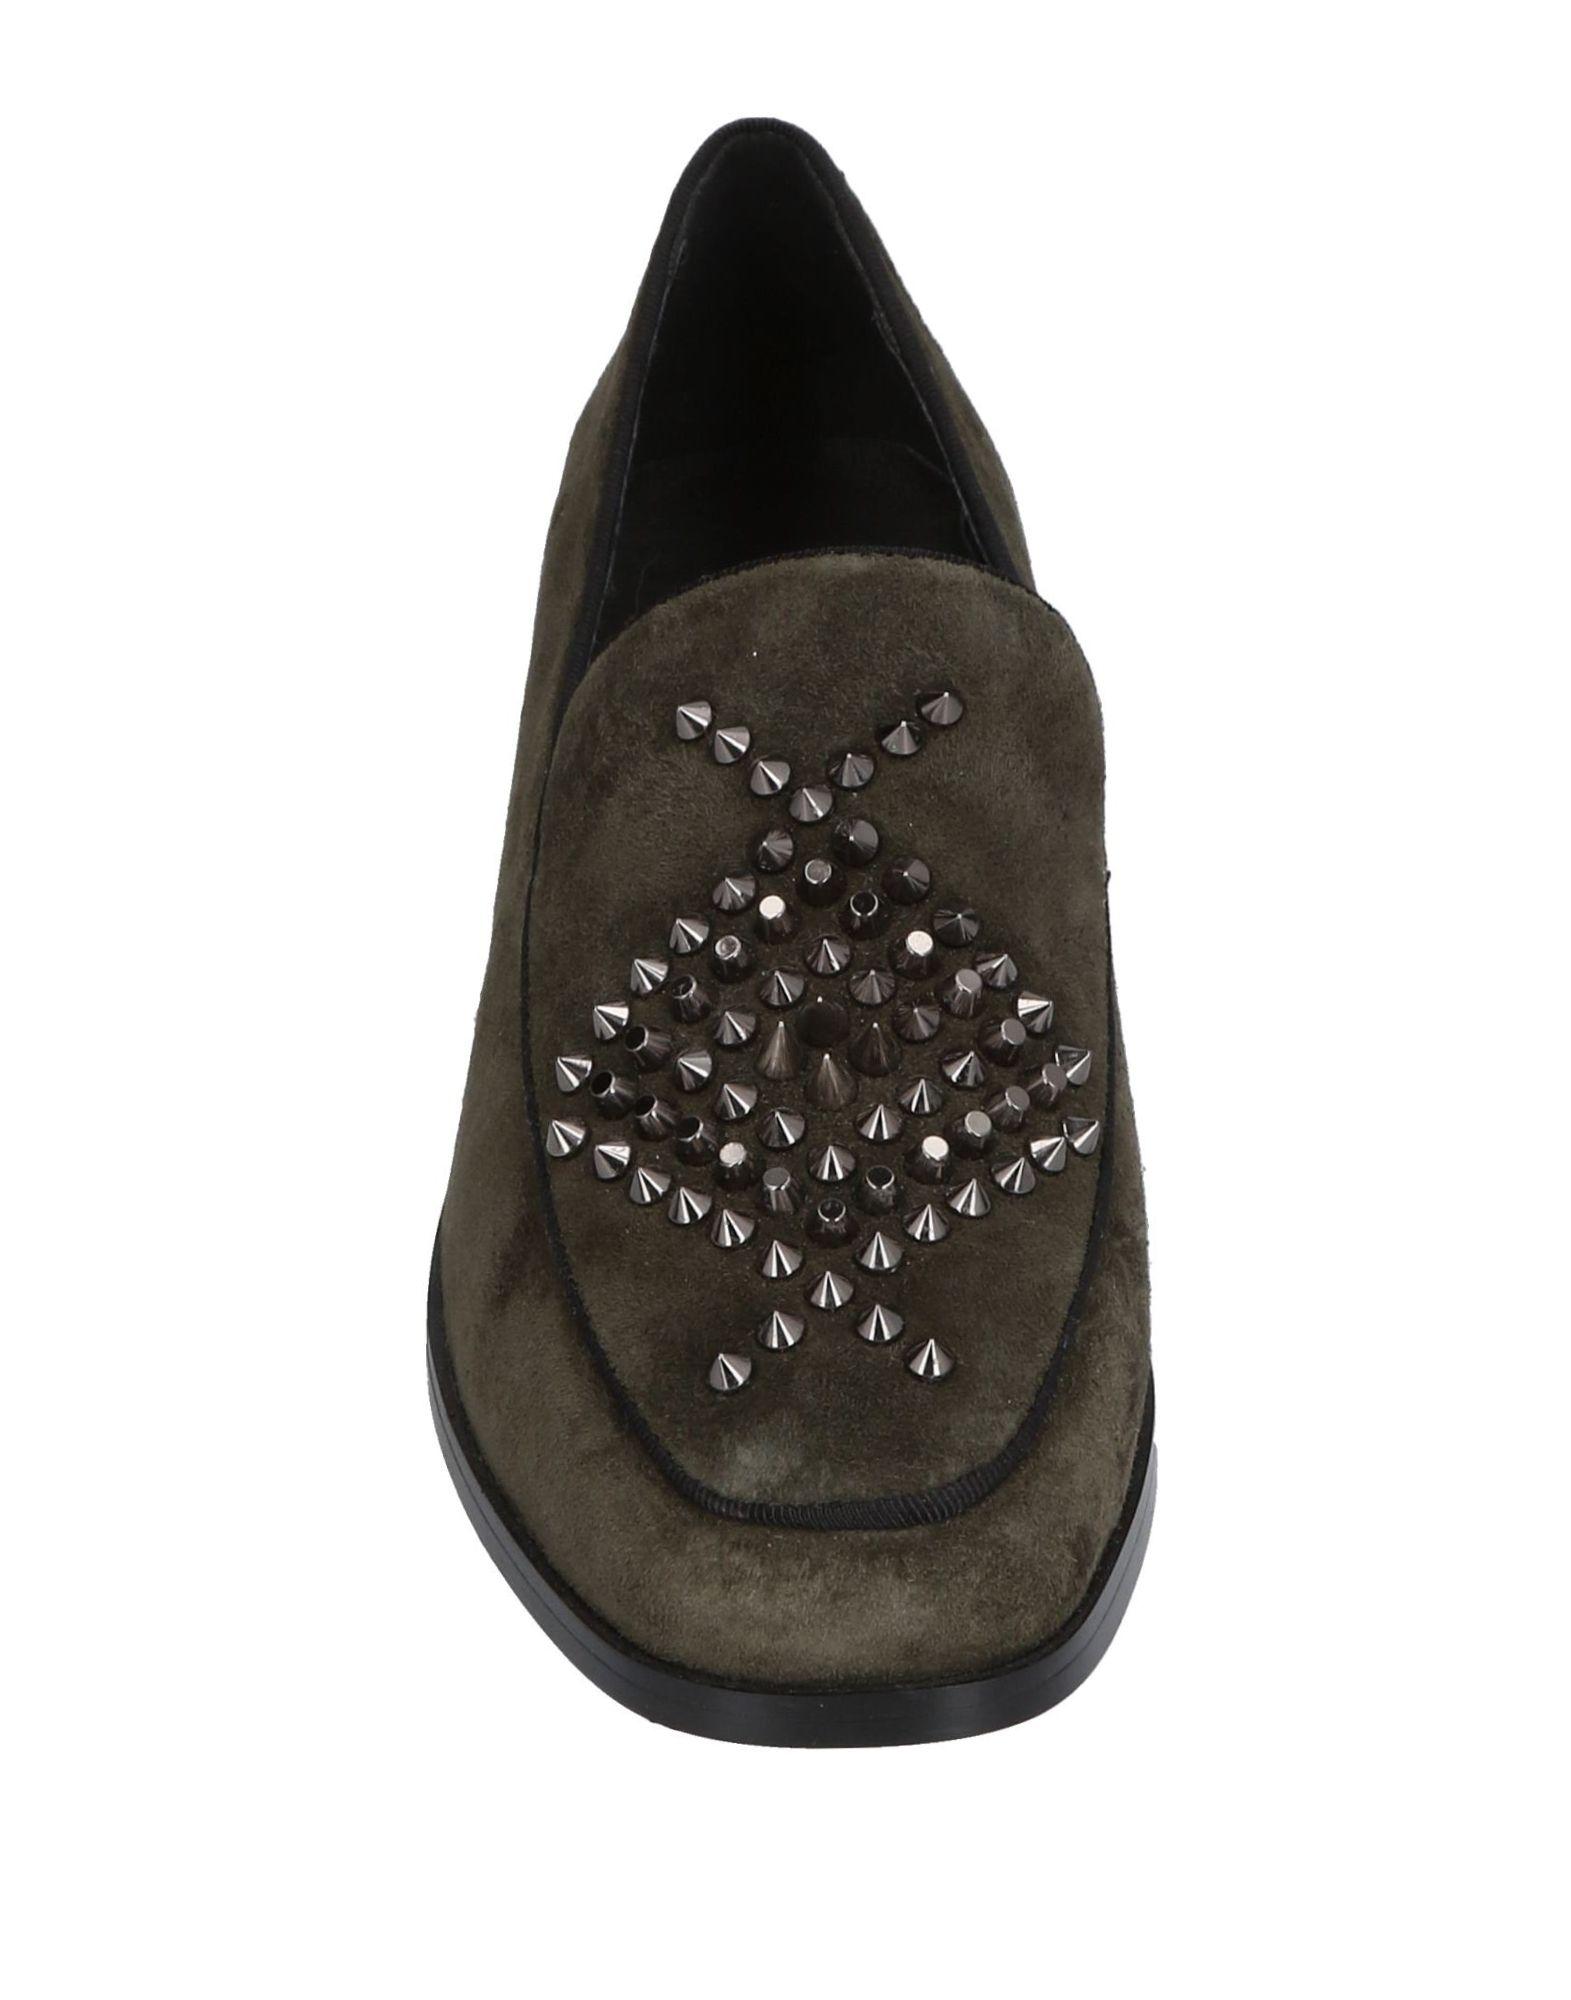 Bibi Lou Gute Mokassins Damen  11455578JV Gute Lou Qualität beliebte Schuhe 97d2fb